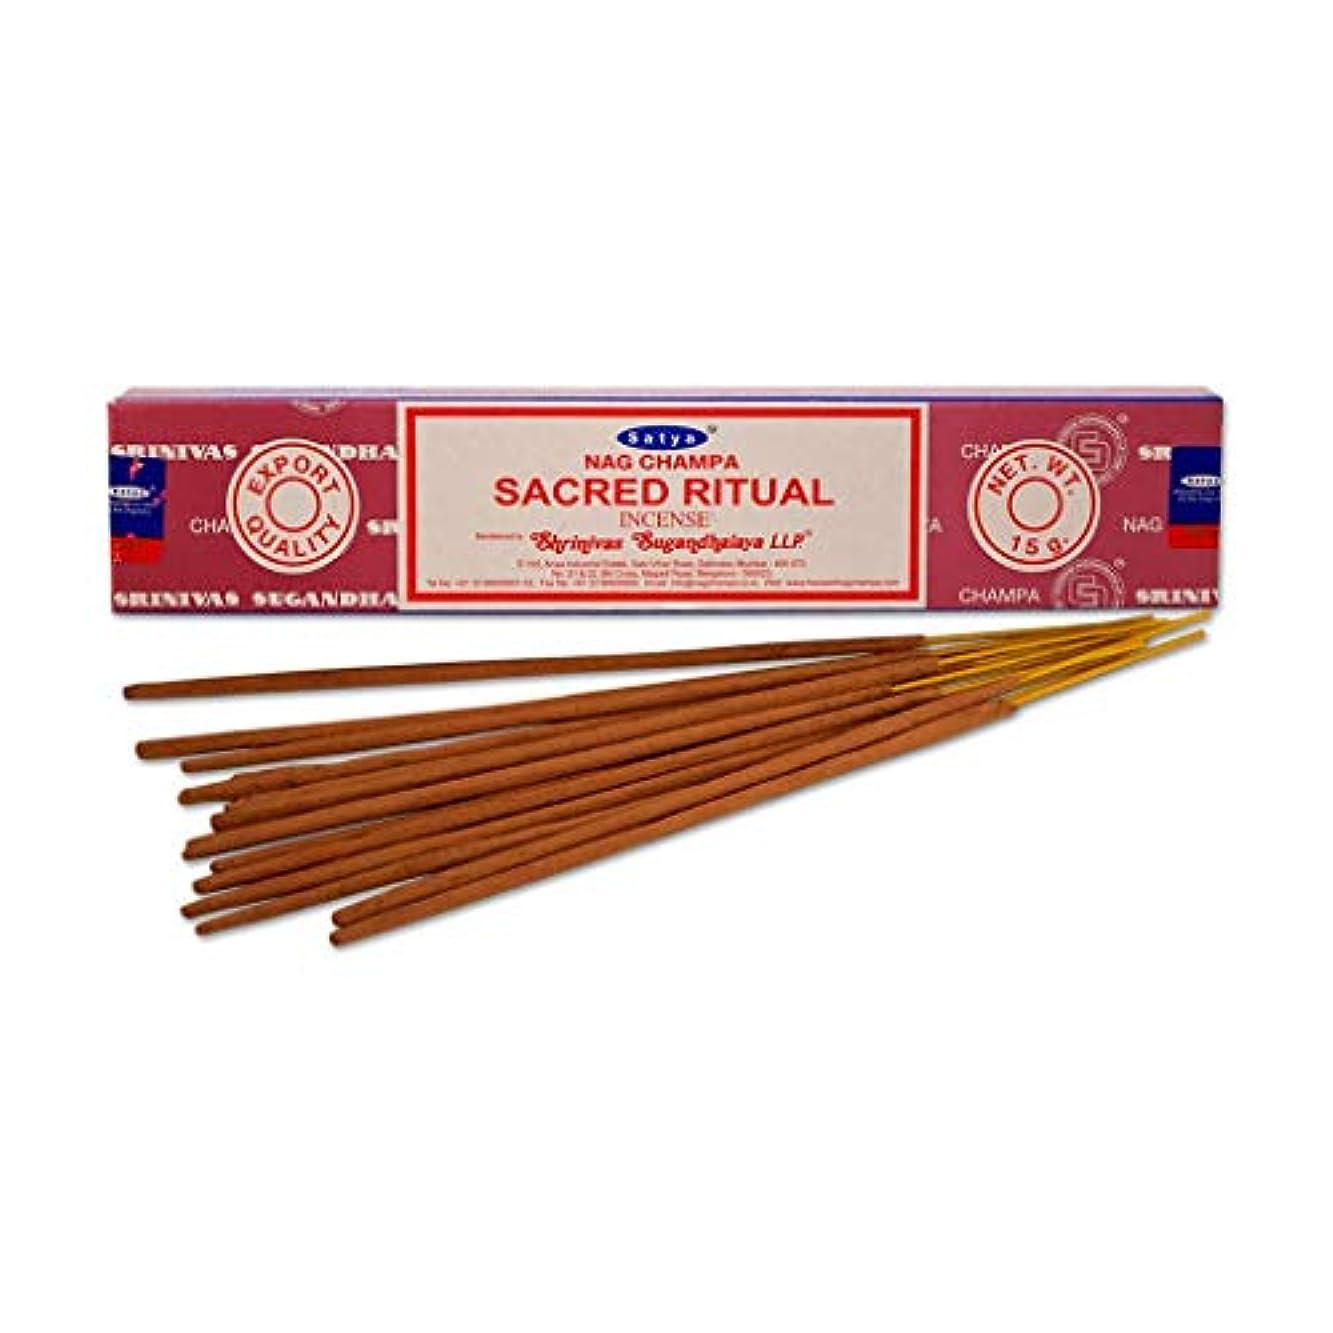 ぐったりサーバハイキングSatya Nag Champa Sacred Ritual お香スティック Agarbatti 180グラムボックス | 15グラム入り12パック 箱入り | 輸出品質